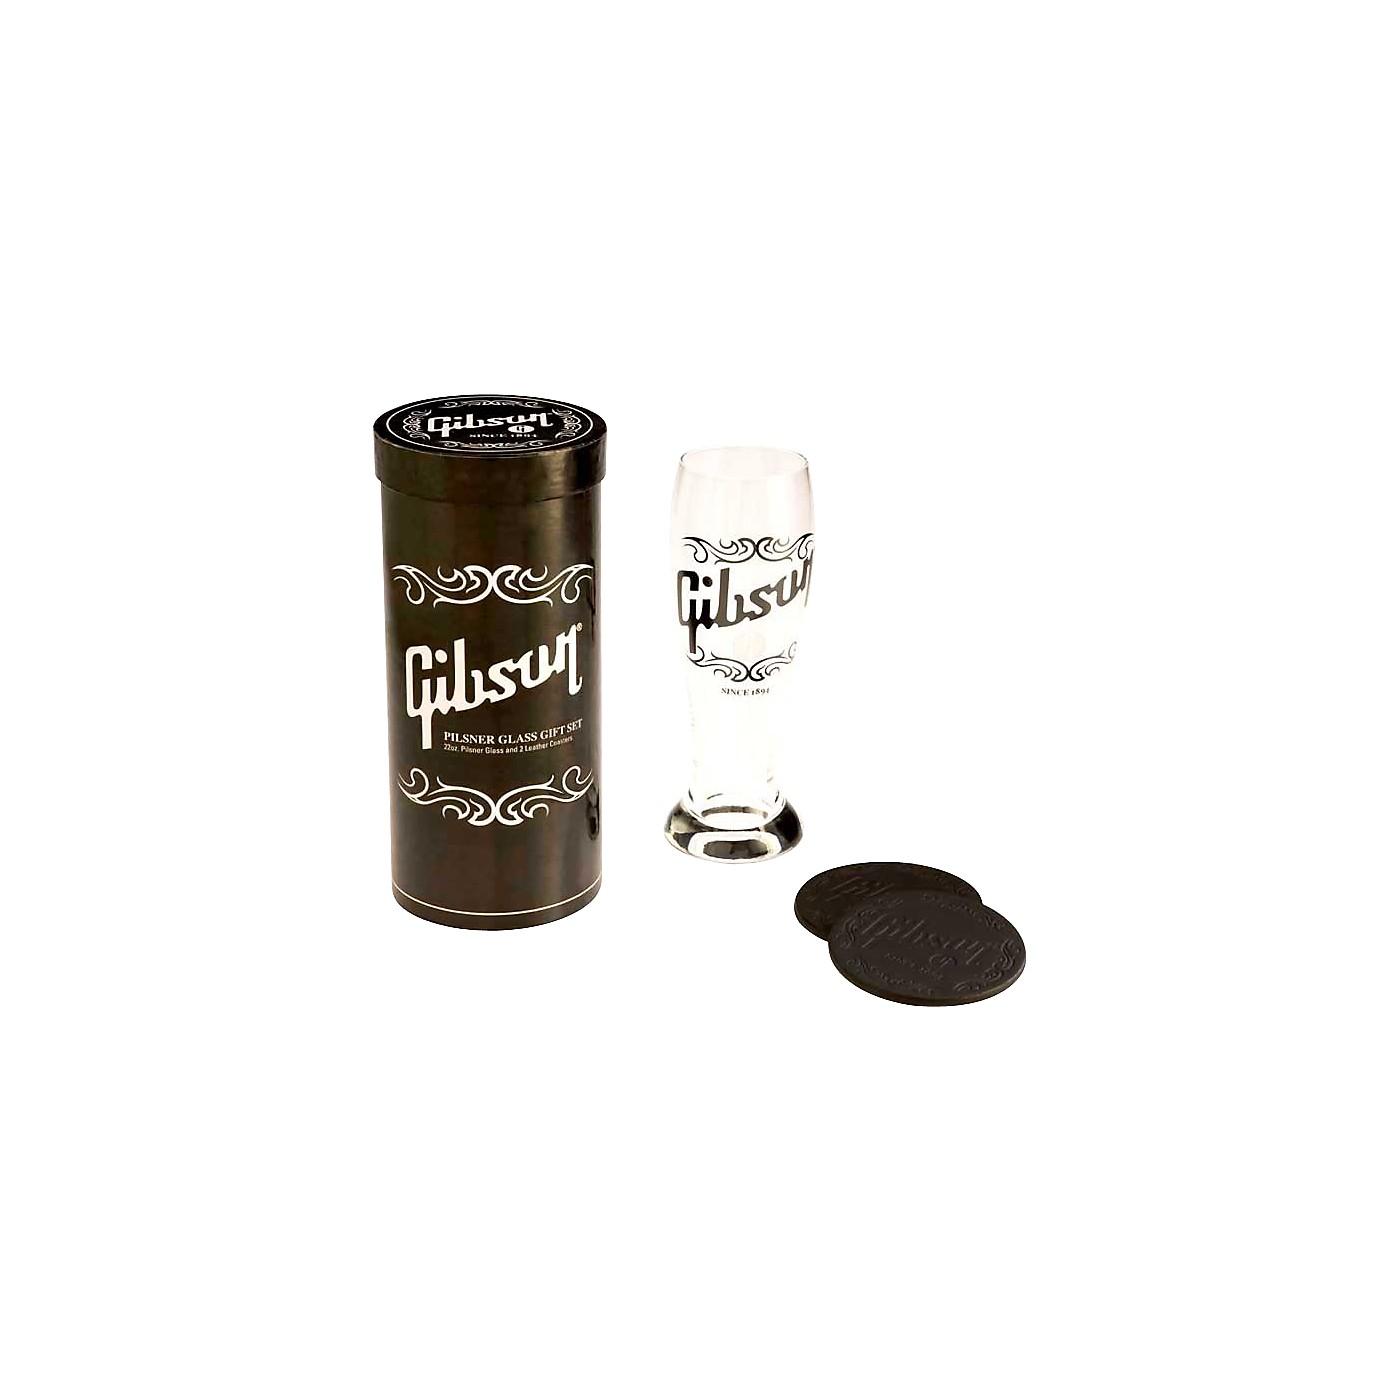 Gibson Pilsner Glass Gift Set thumbnail